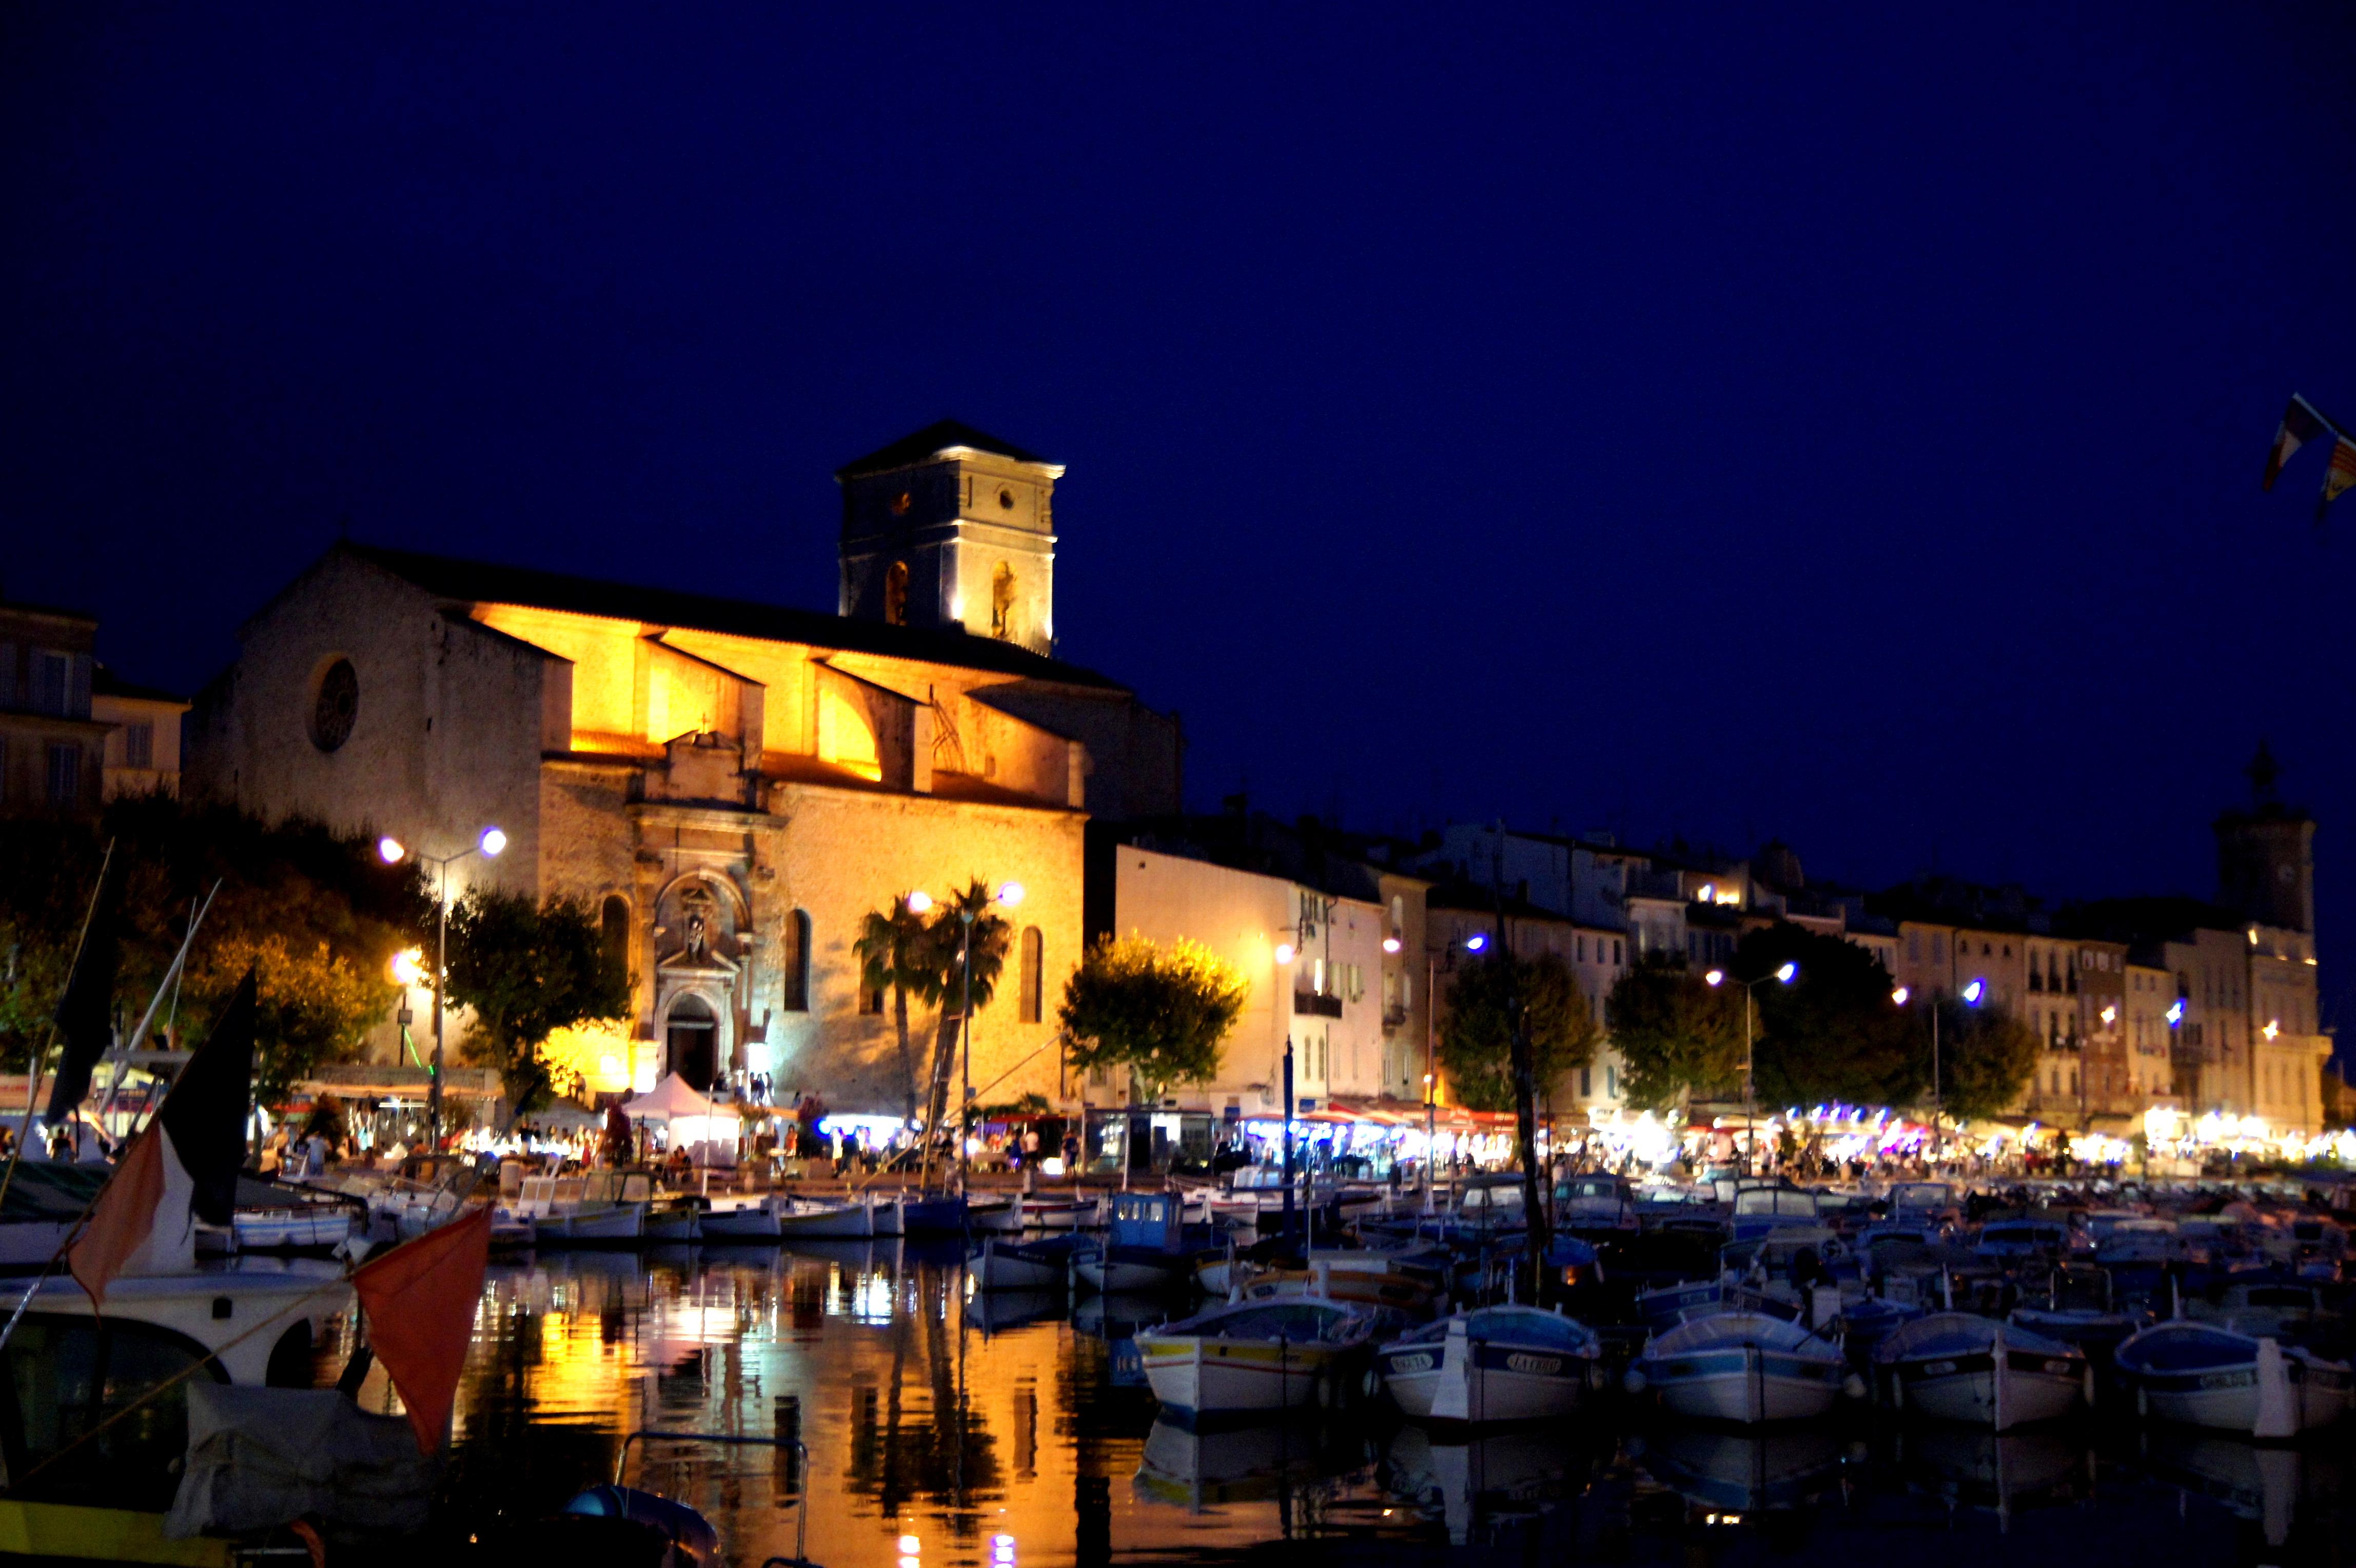 La ciotat l 39 oeil de l 39 artiste - Restaurant port la ciotat ...